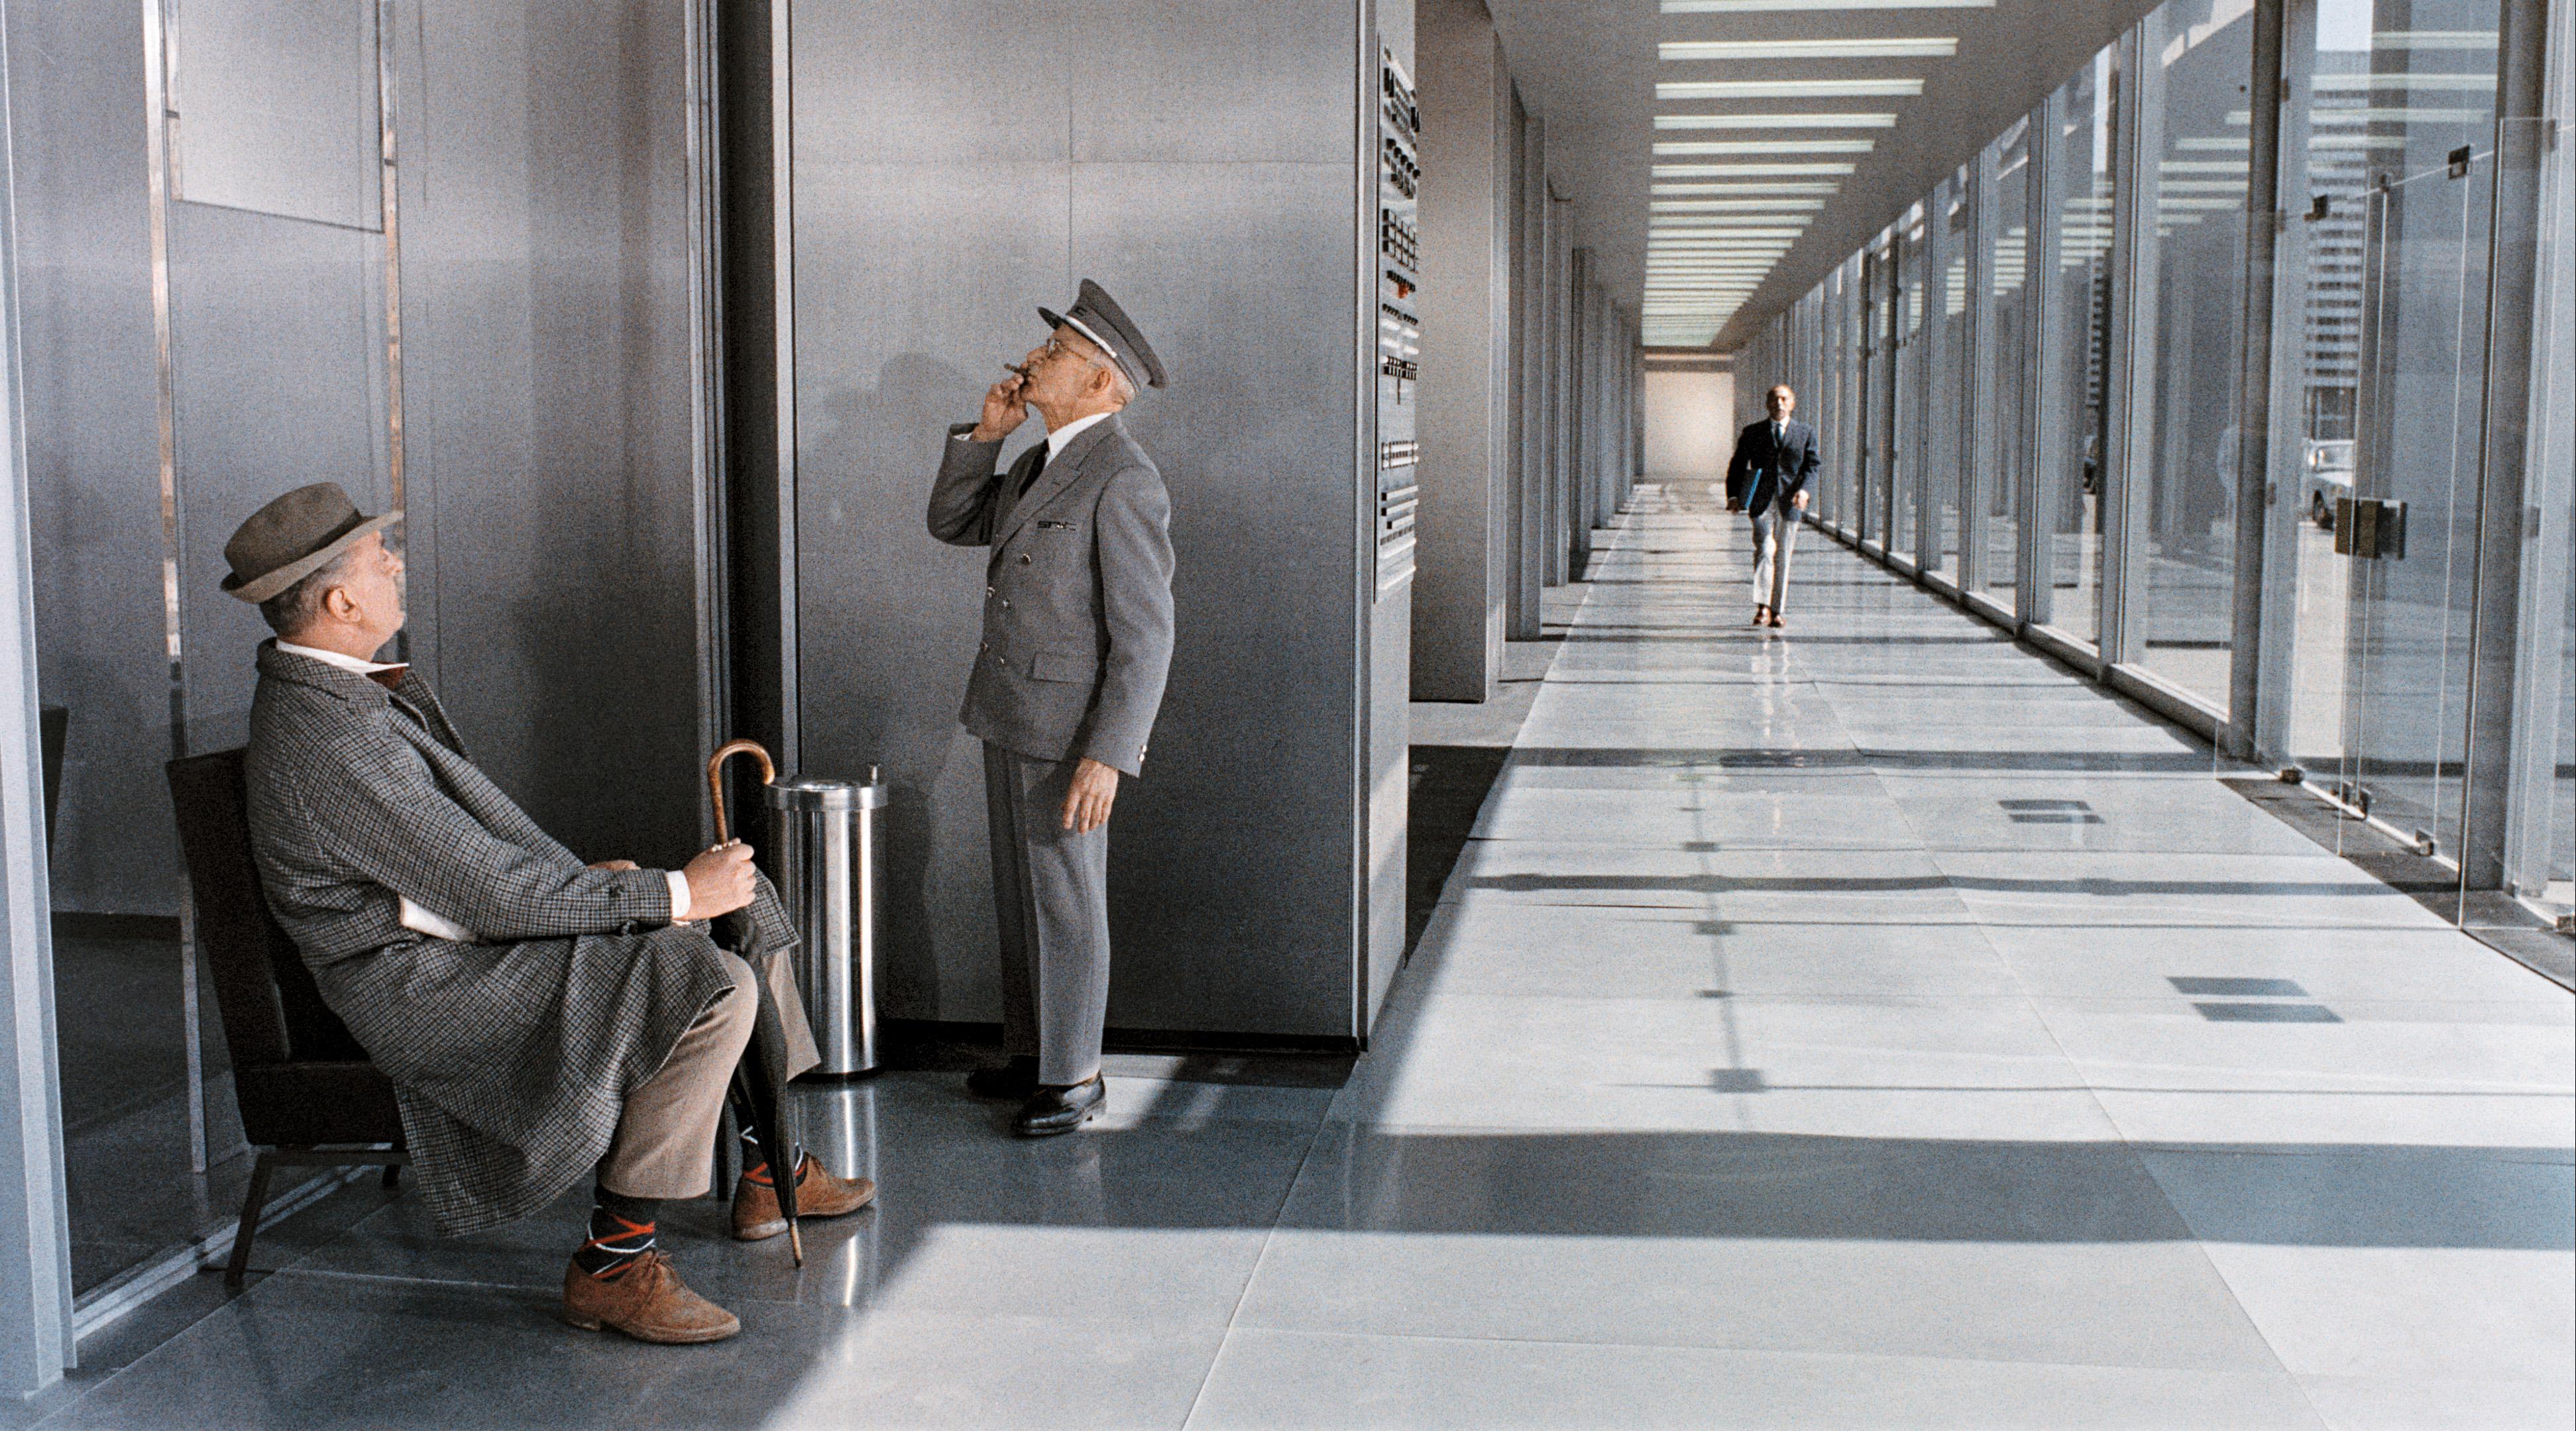 Jacques Tati erfand für sich die Kunstfigur Monsieur Hulot, um seinen Einspruch gegen den kopflosen gesellschaftlichen Fortschritt anzumelden